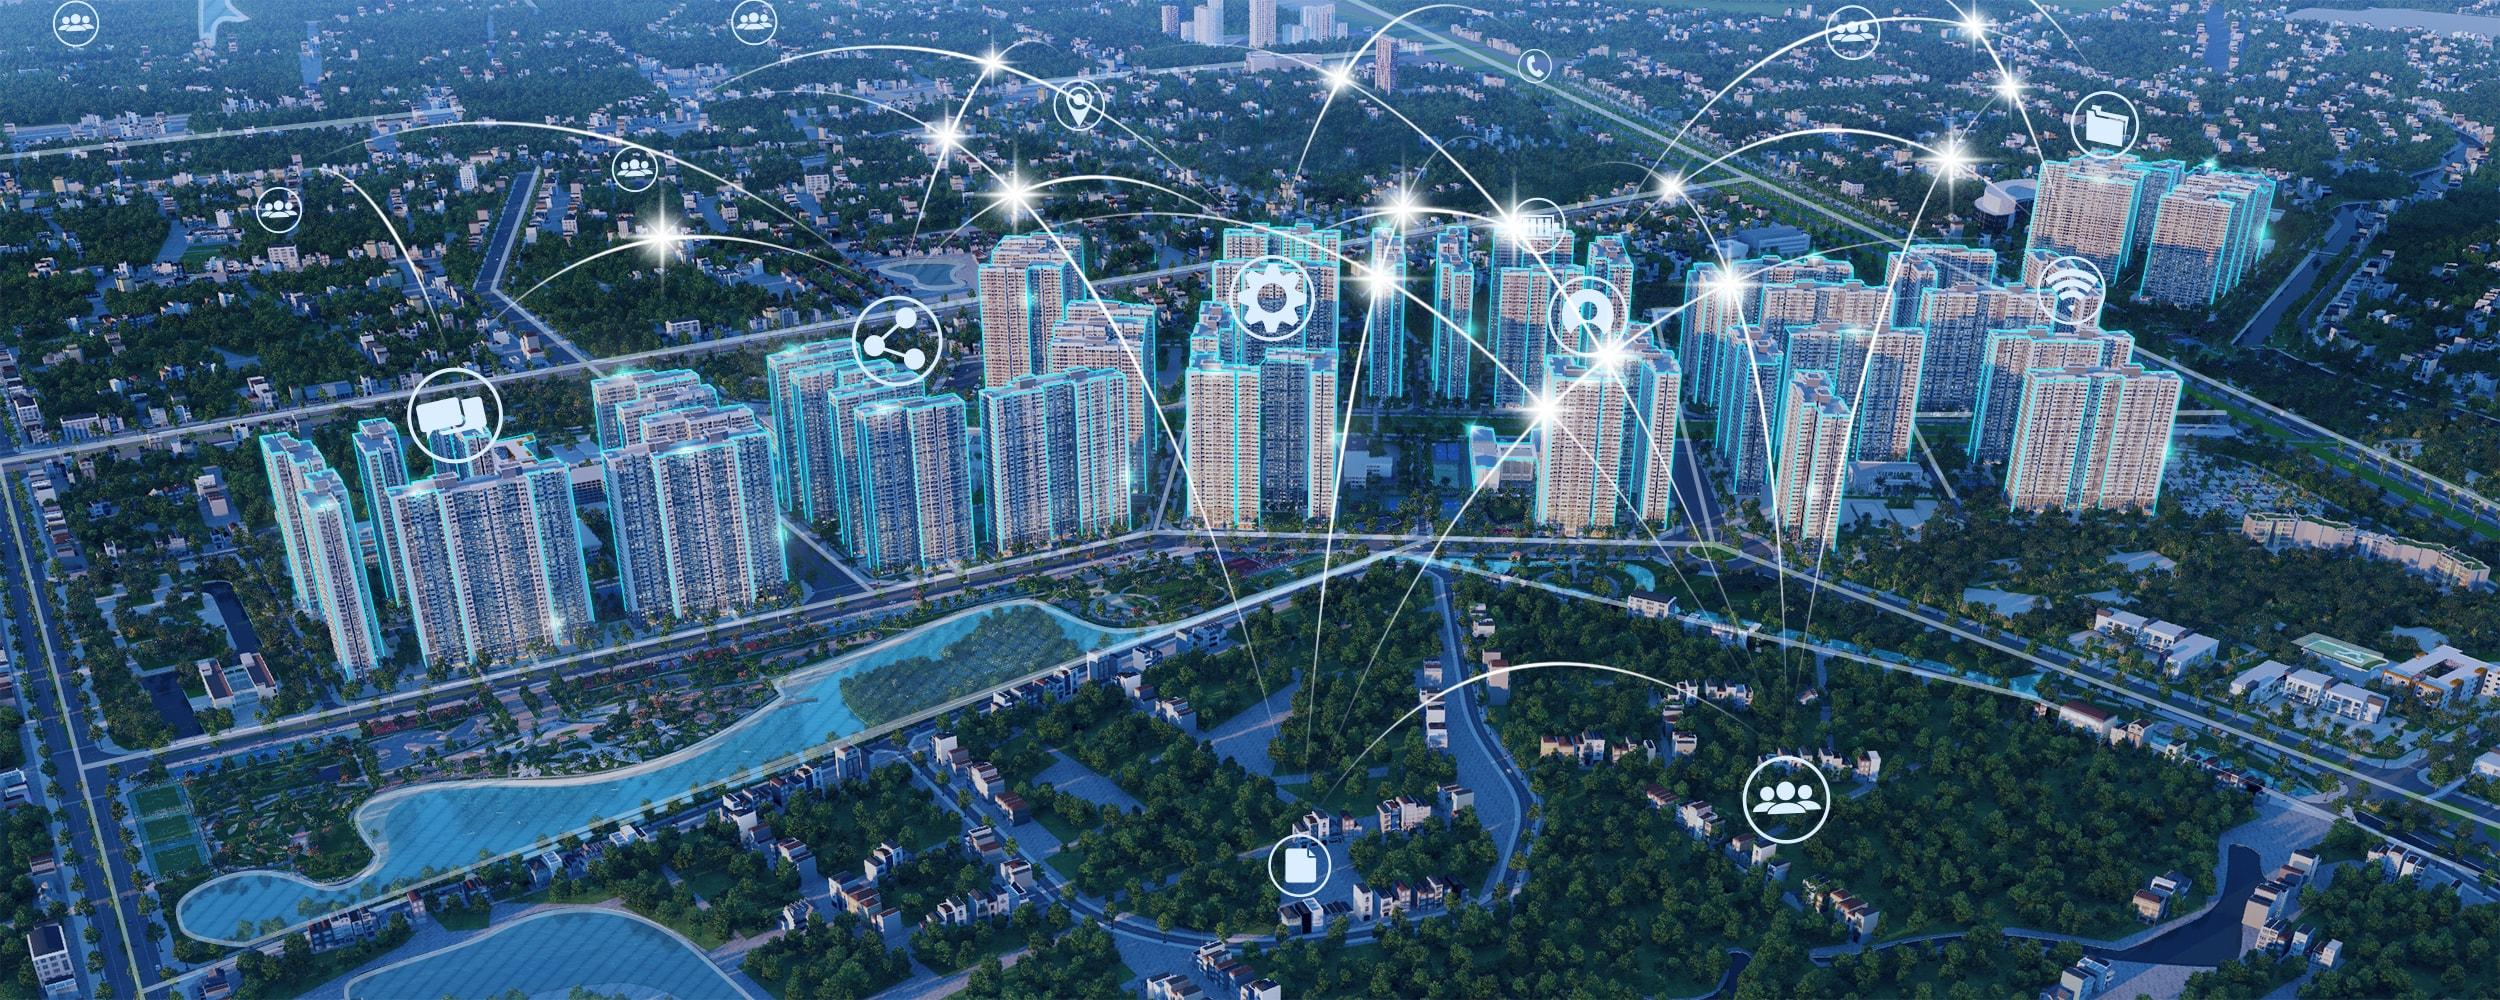 Chung cÆ° Vinhomes Smart City - Äại Äô Thá» Thông Minh